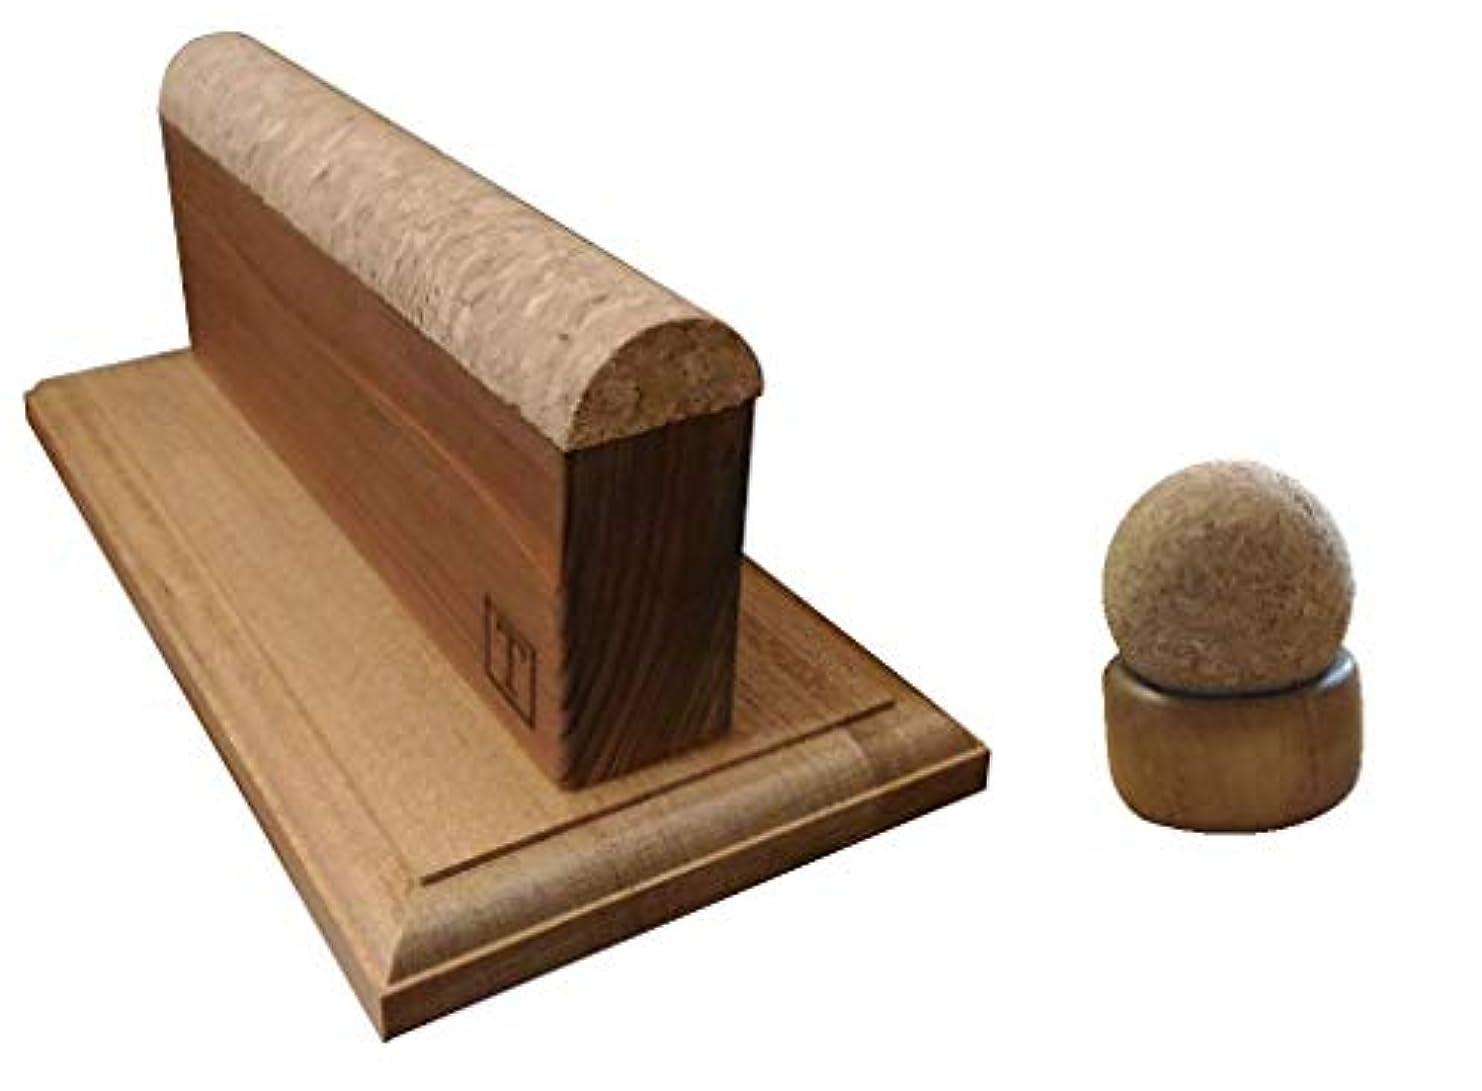 保護するデッドロック召集する『揉みの木シリーズ 極 & 腰きらりのセット』脇 肩甲骨外側 首 ふくらはぎ 側頭部 顔 腰 骨盤等 セルフマッサージを強力にサポート